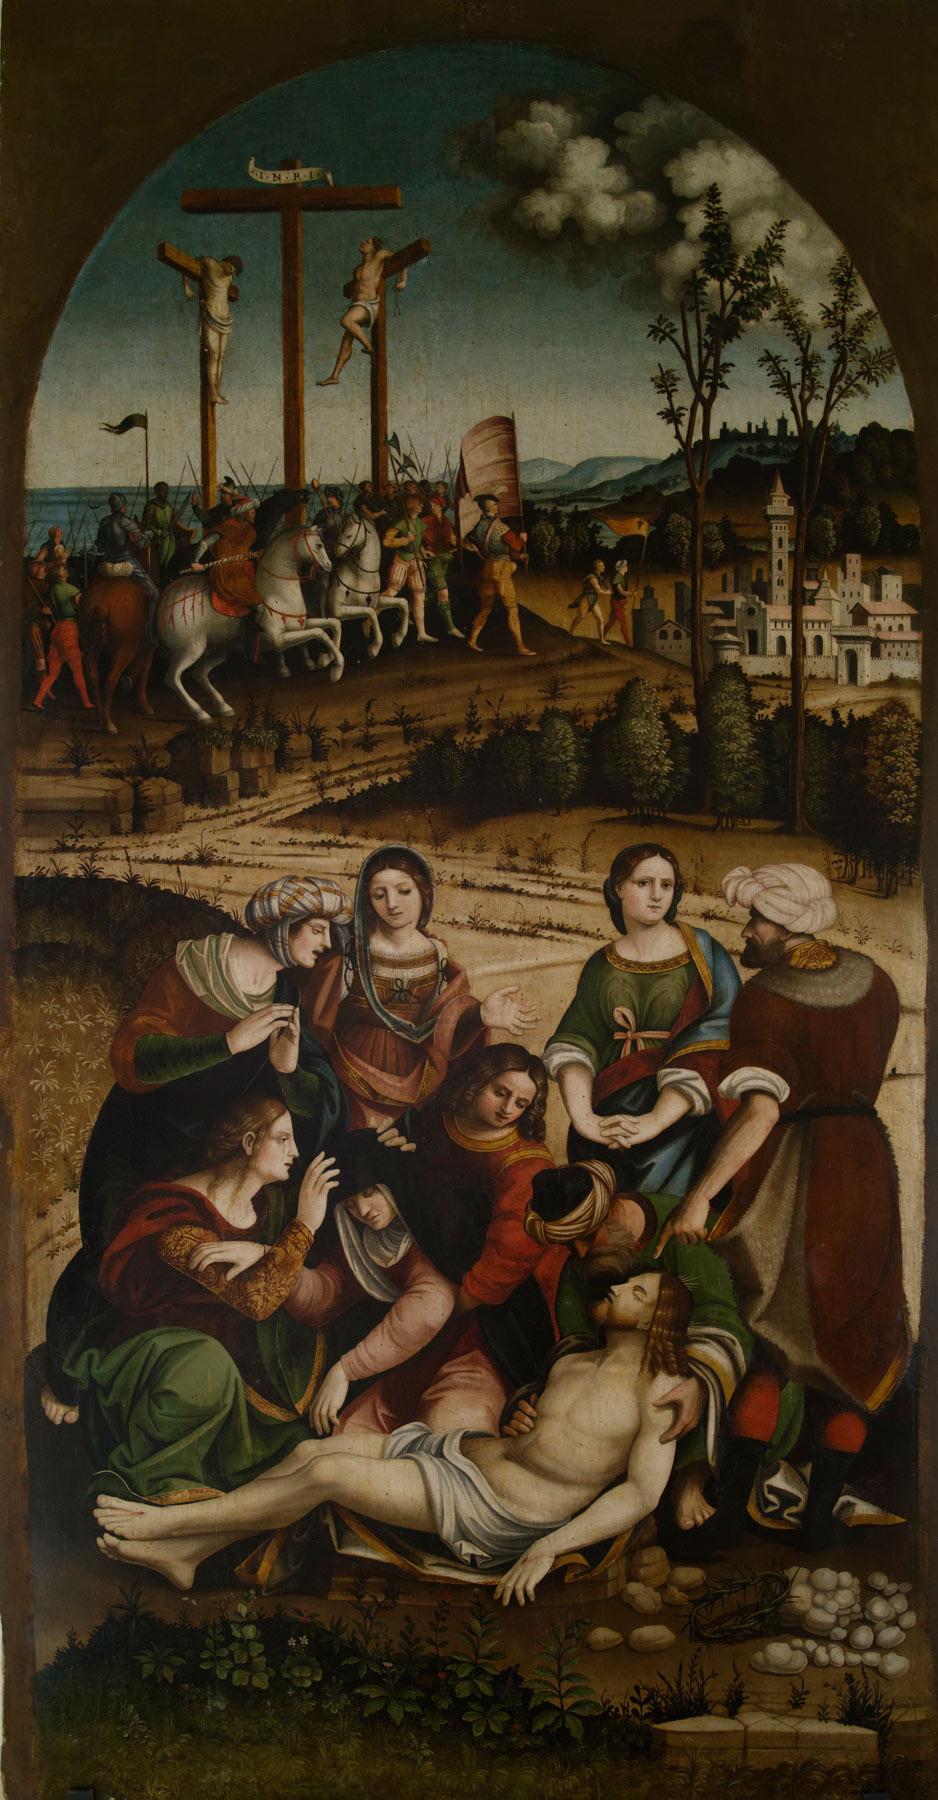 Vincenzo Pagani, Compianto sul Cristo deposto (1529; olio su tavola centinata, 277 x 148 cm; Sarnano, Pinacoteca Civica – Rete Museale dei Sibillini)